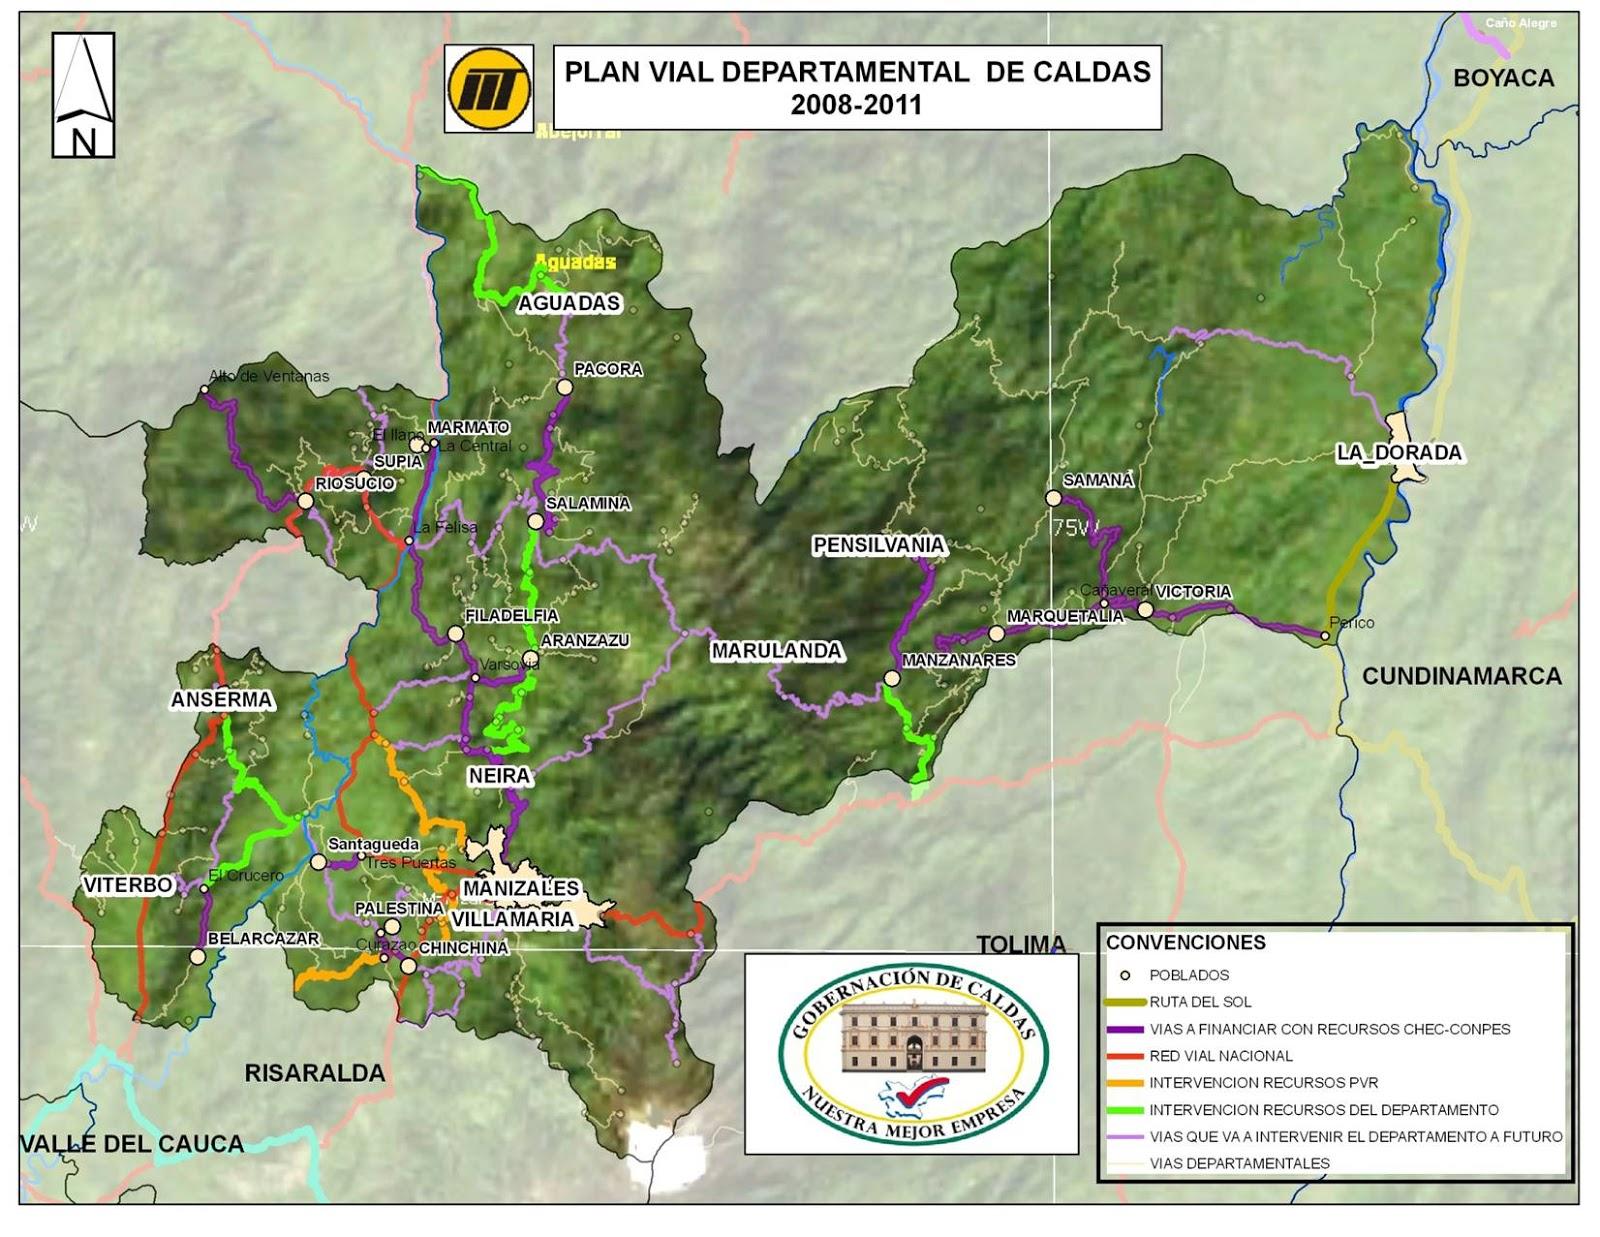 Mapas del Departamento de Caldas en Colombia  godues